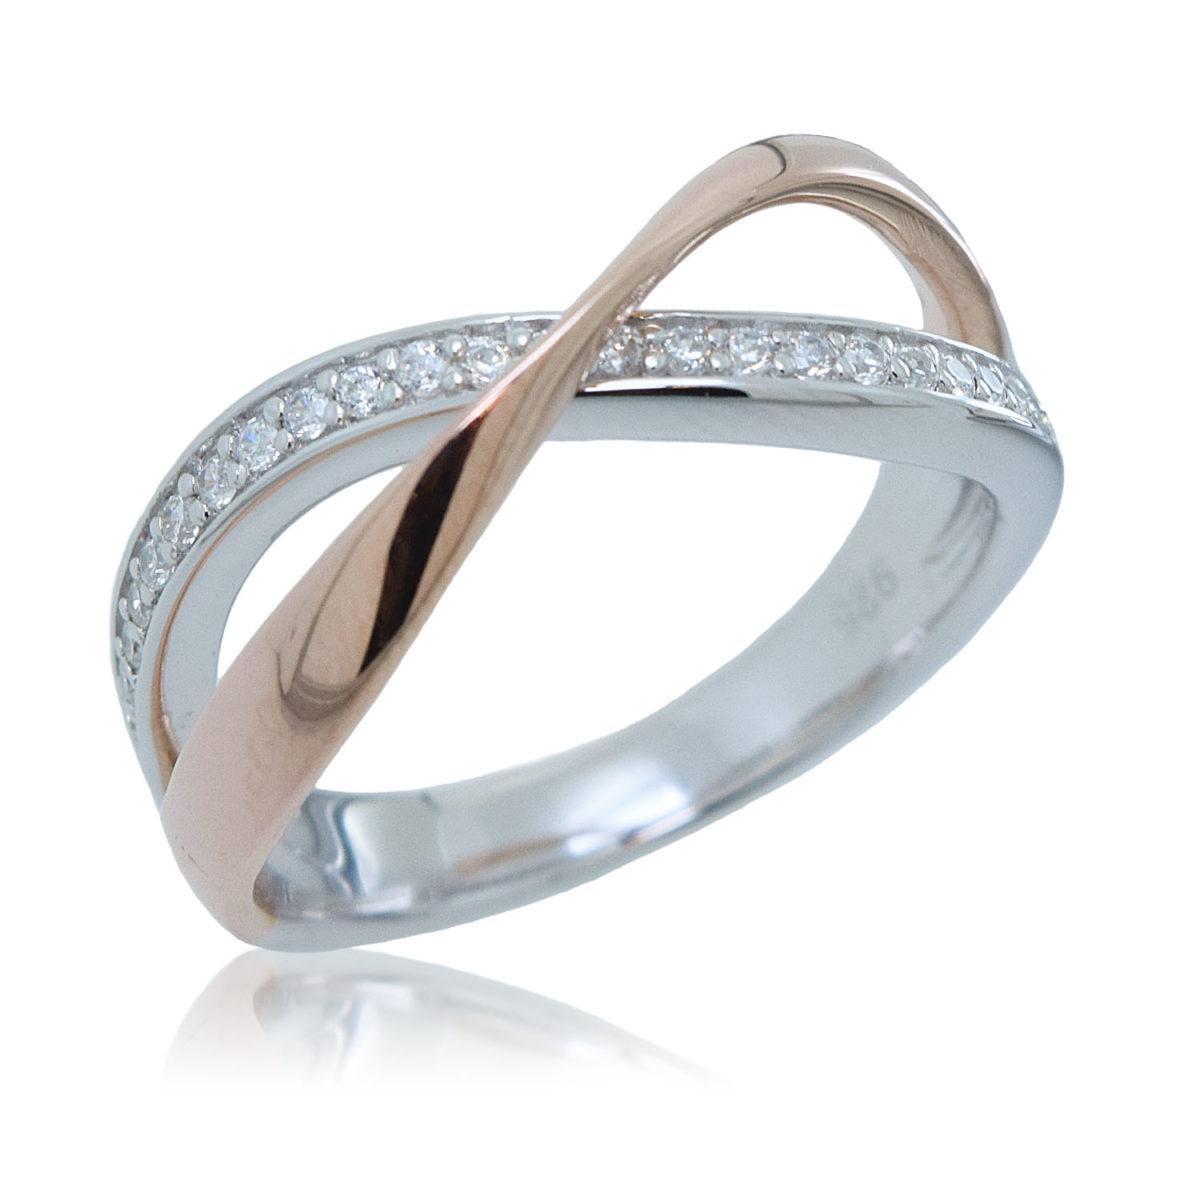 0bcf09189312 anillo plata bicolor cruzado jolfer